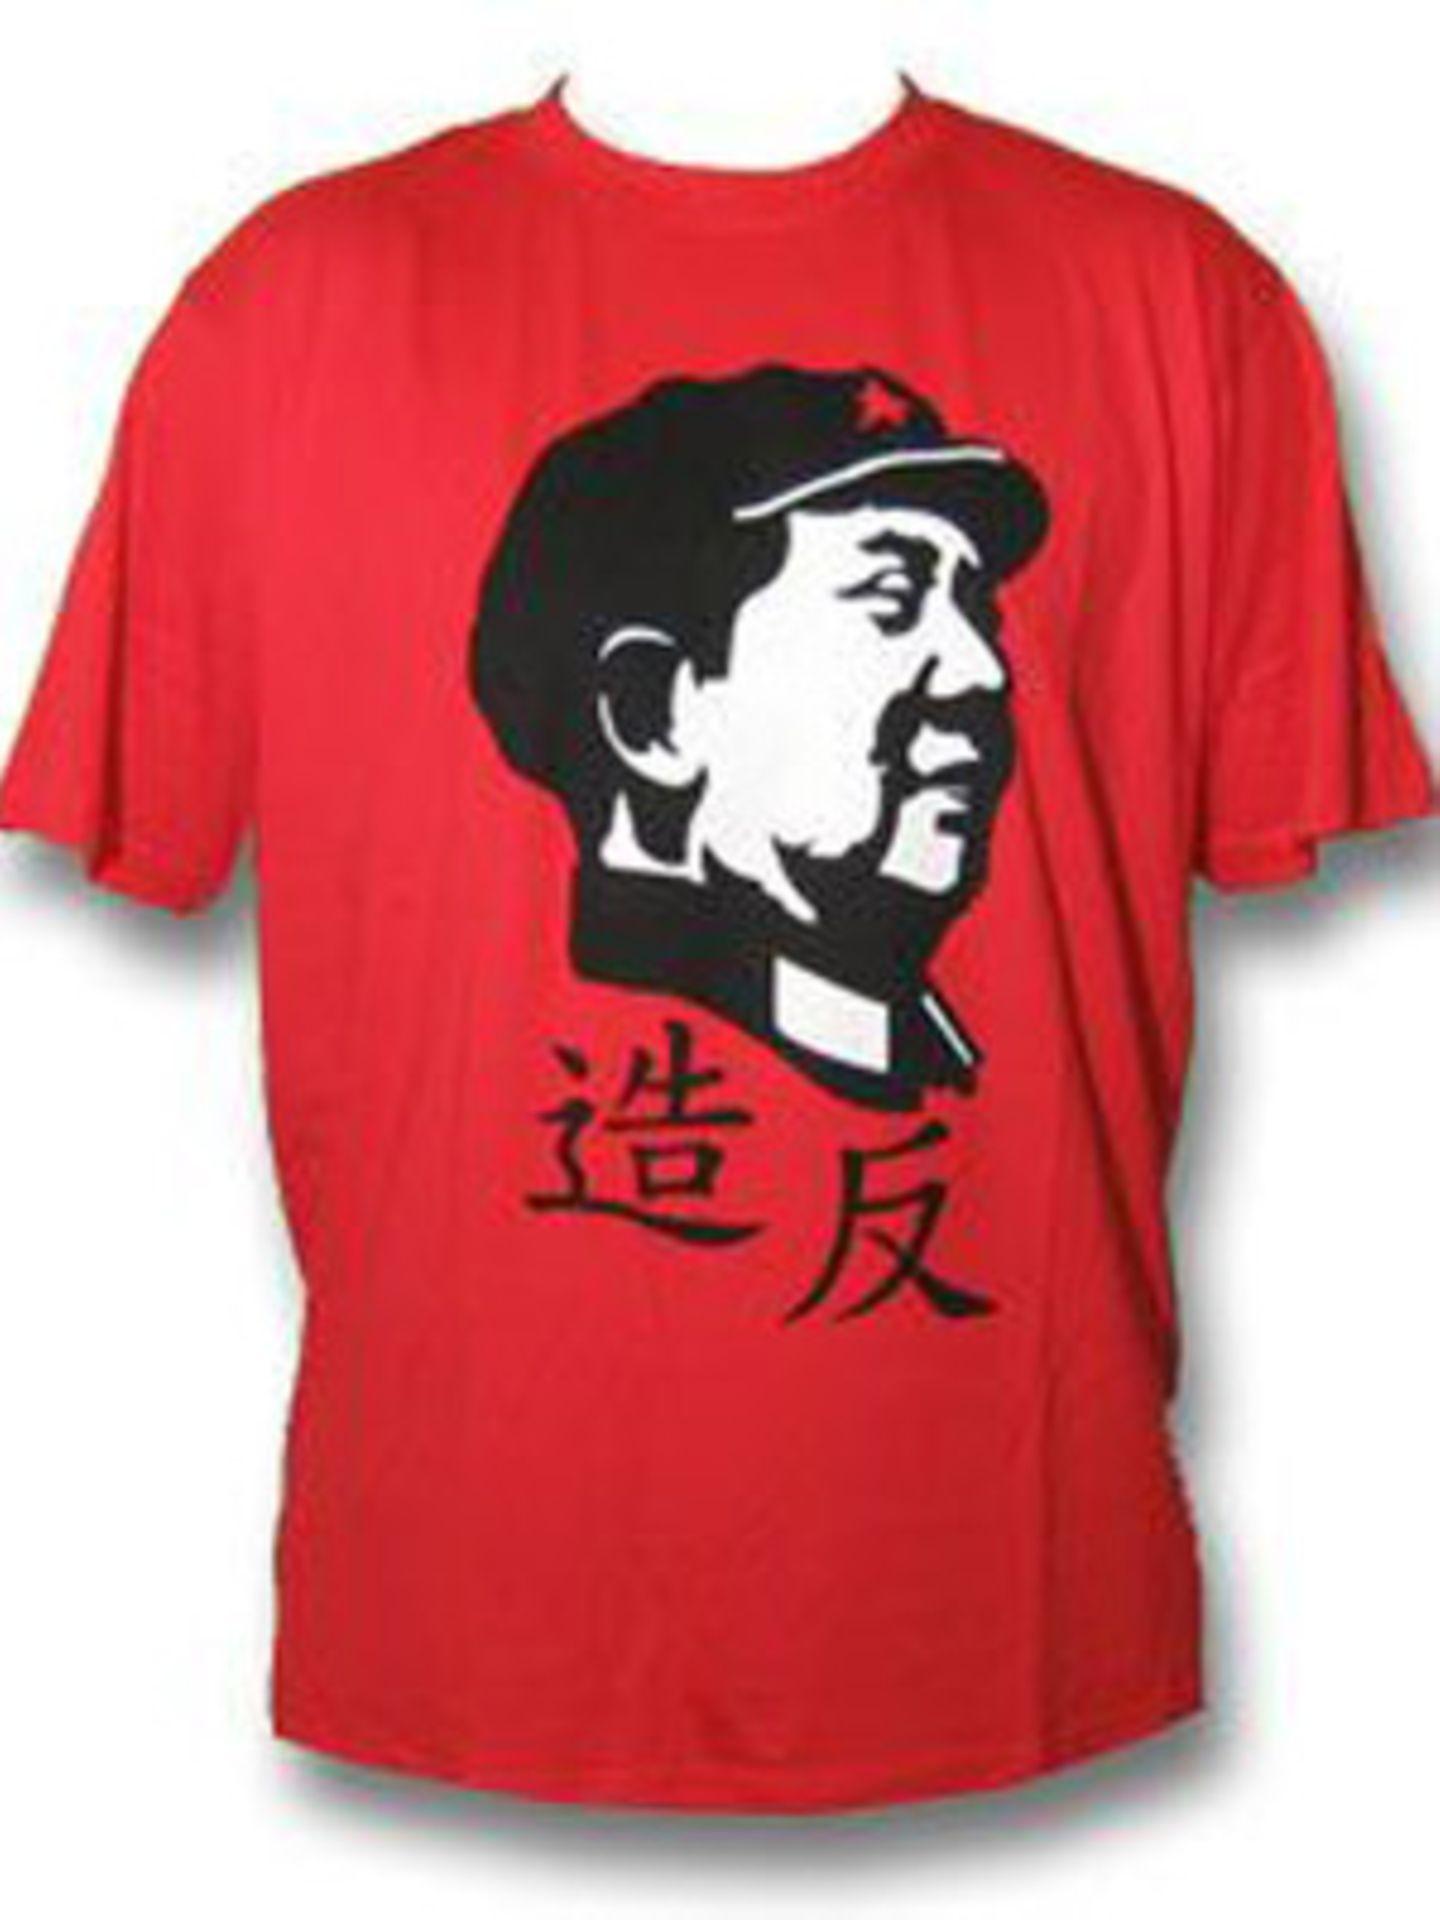 Das trendige Shirt gibt's in den Größen M, L und XL und kostet um 15 Euro. Erhältlich bei www.shirt66.de